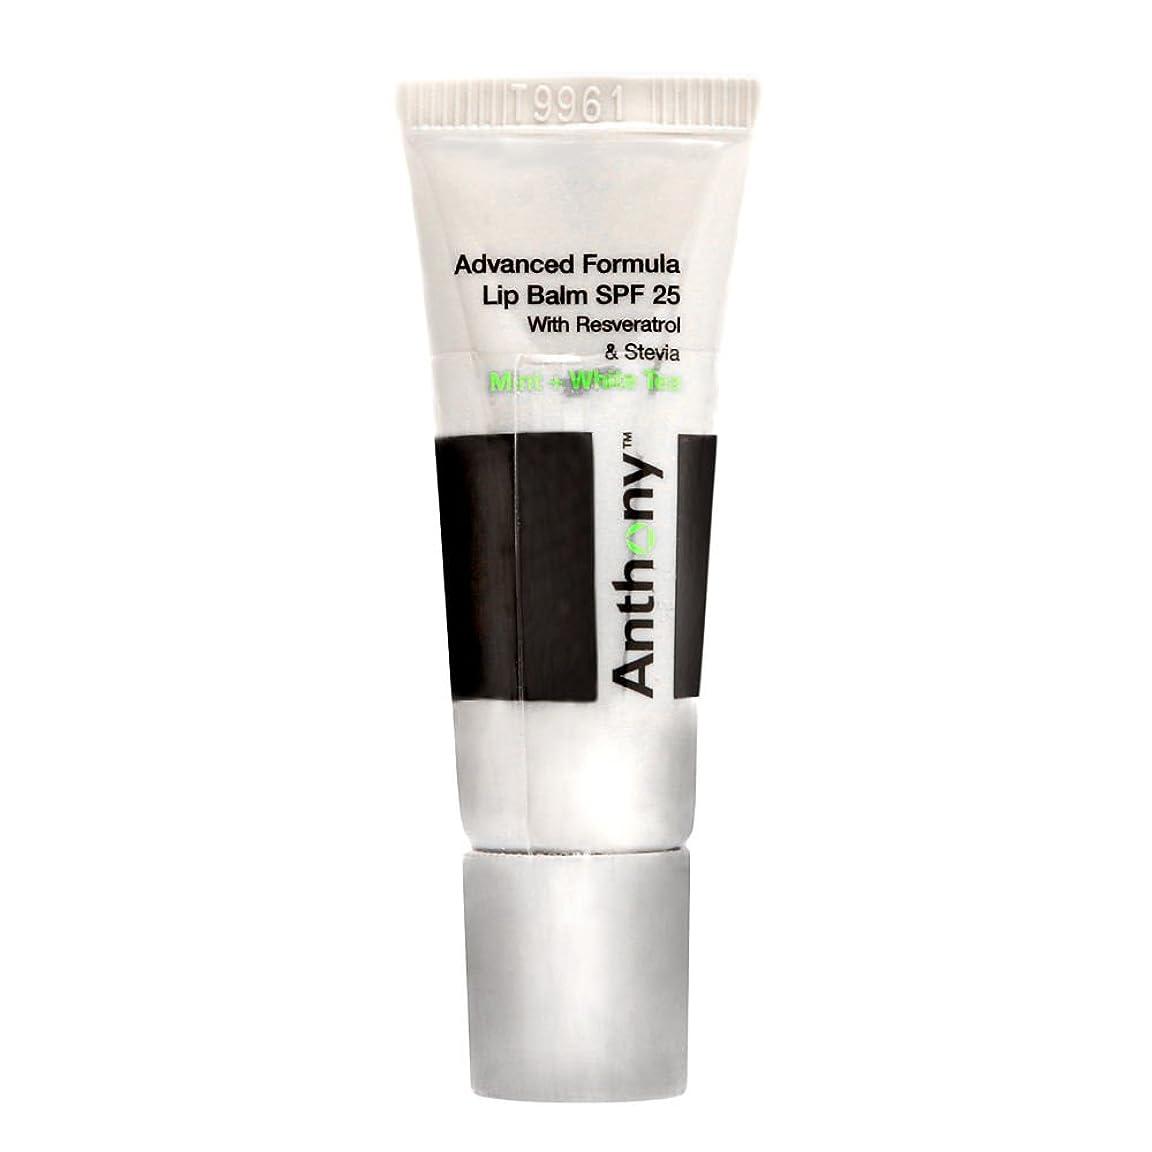 ジョガーきちんとした蒸留するアンソニー Logistics For Men Advanced Formula Lip Balm SPF 25 - Mint And White Tea 7g/0.25oz並行輸入品